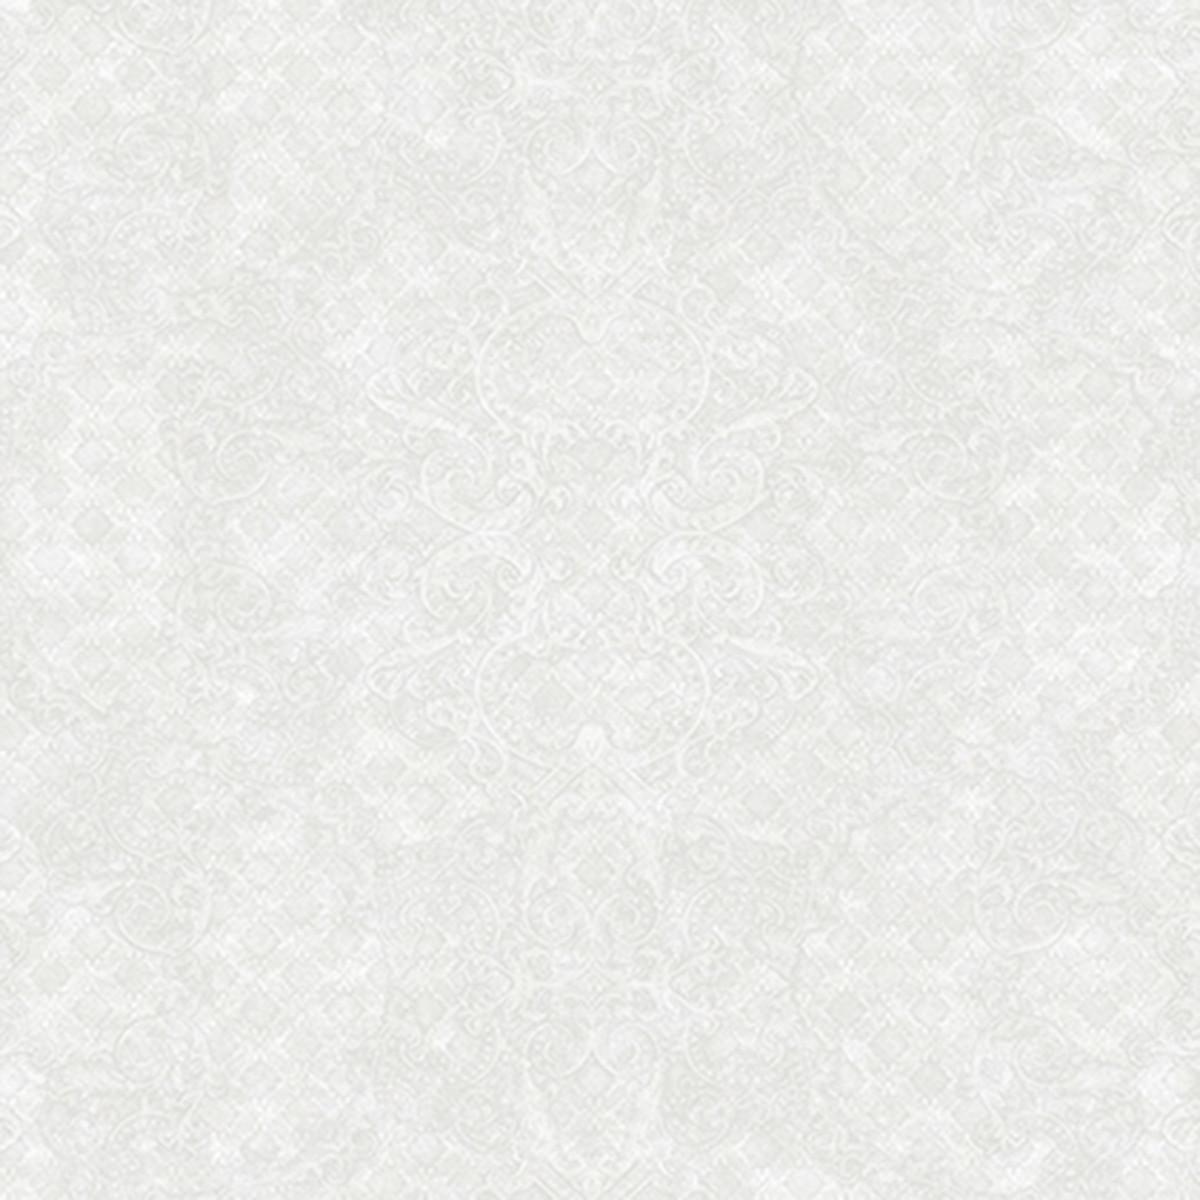 Обои виниловые Gaenari белые 1.06 м 81142-3